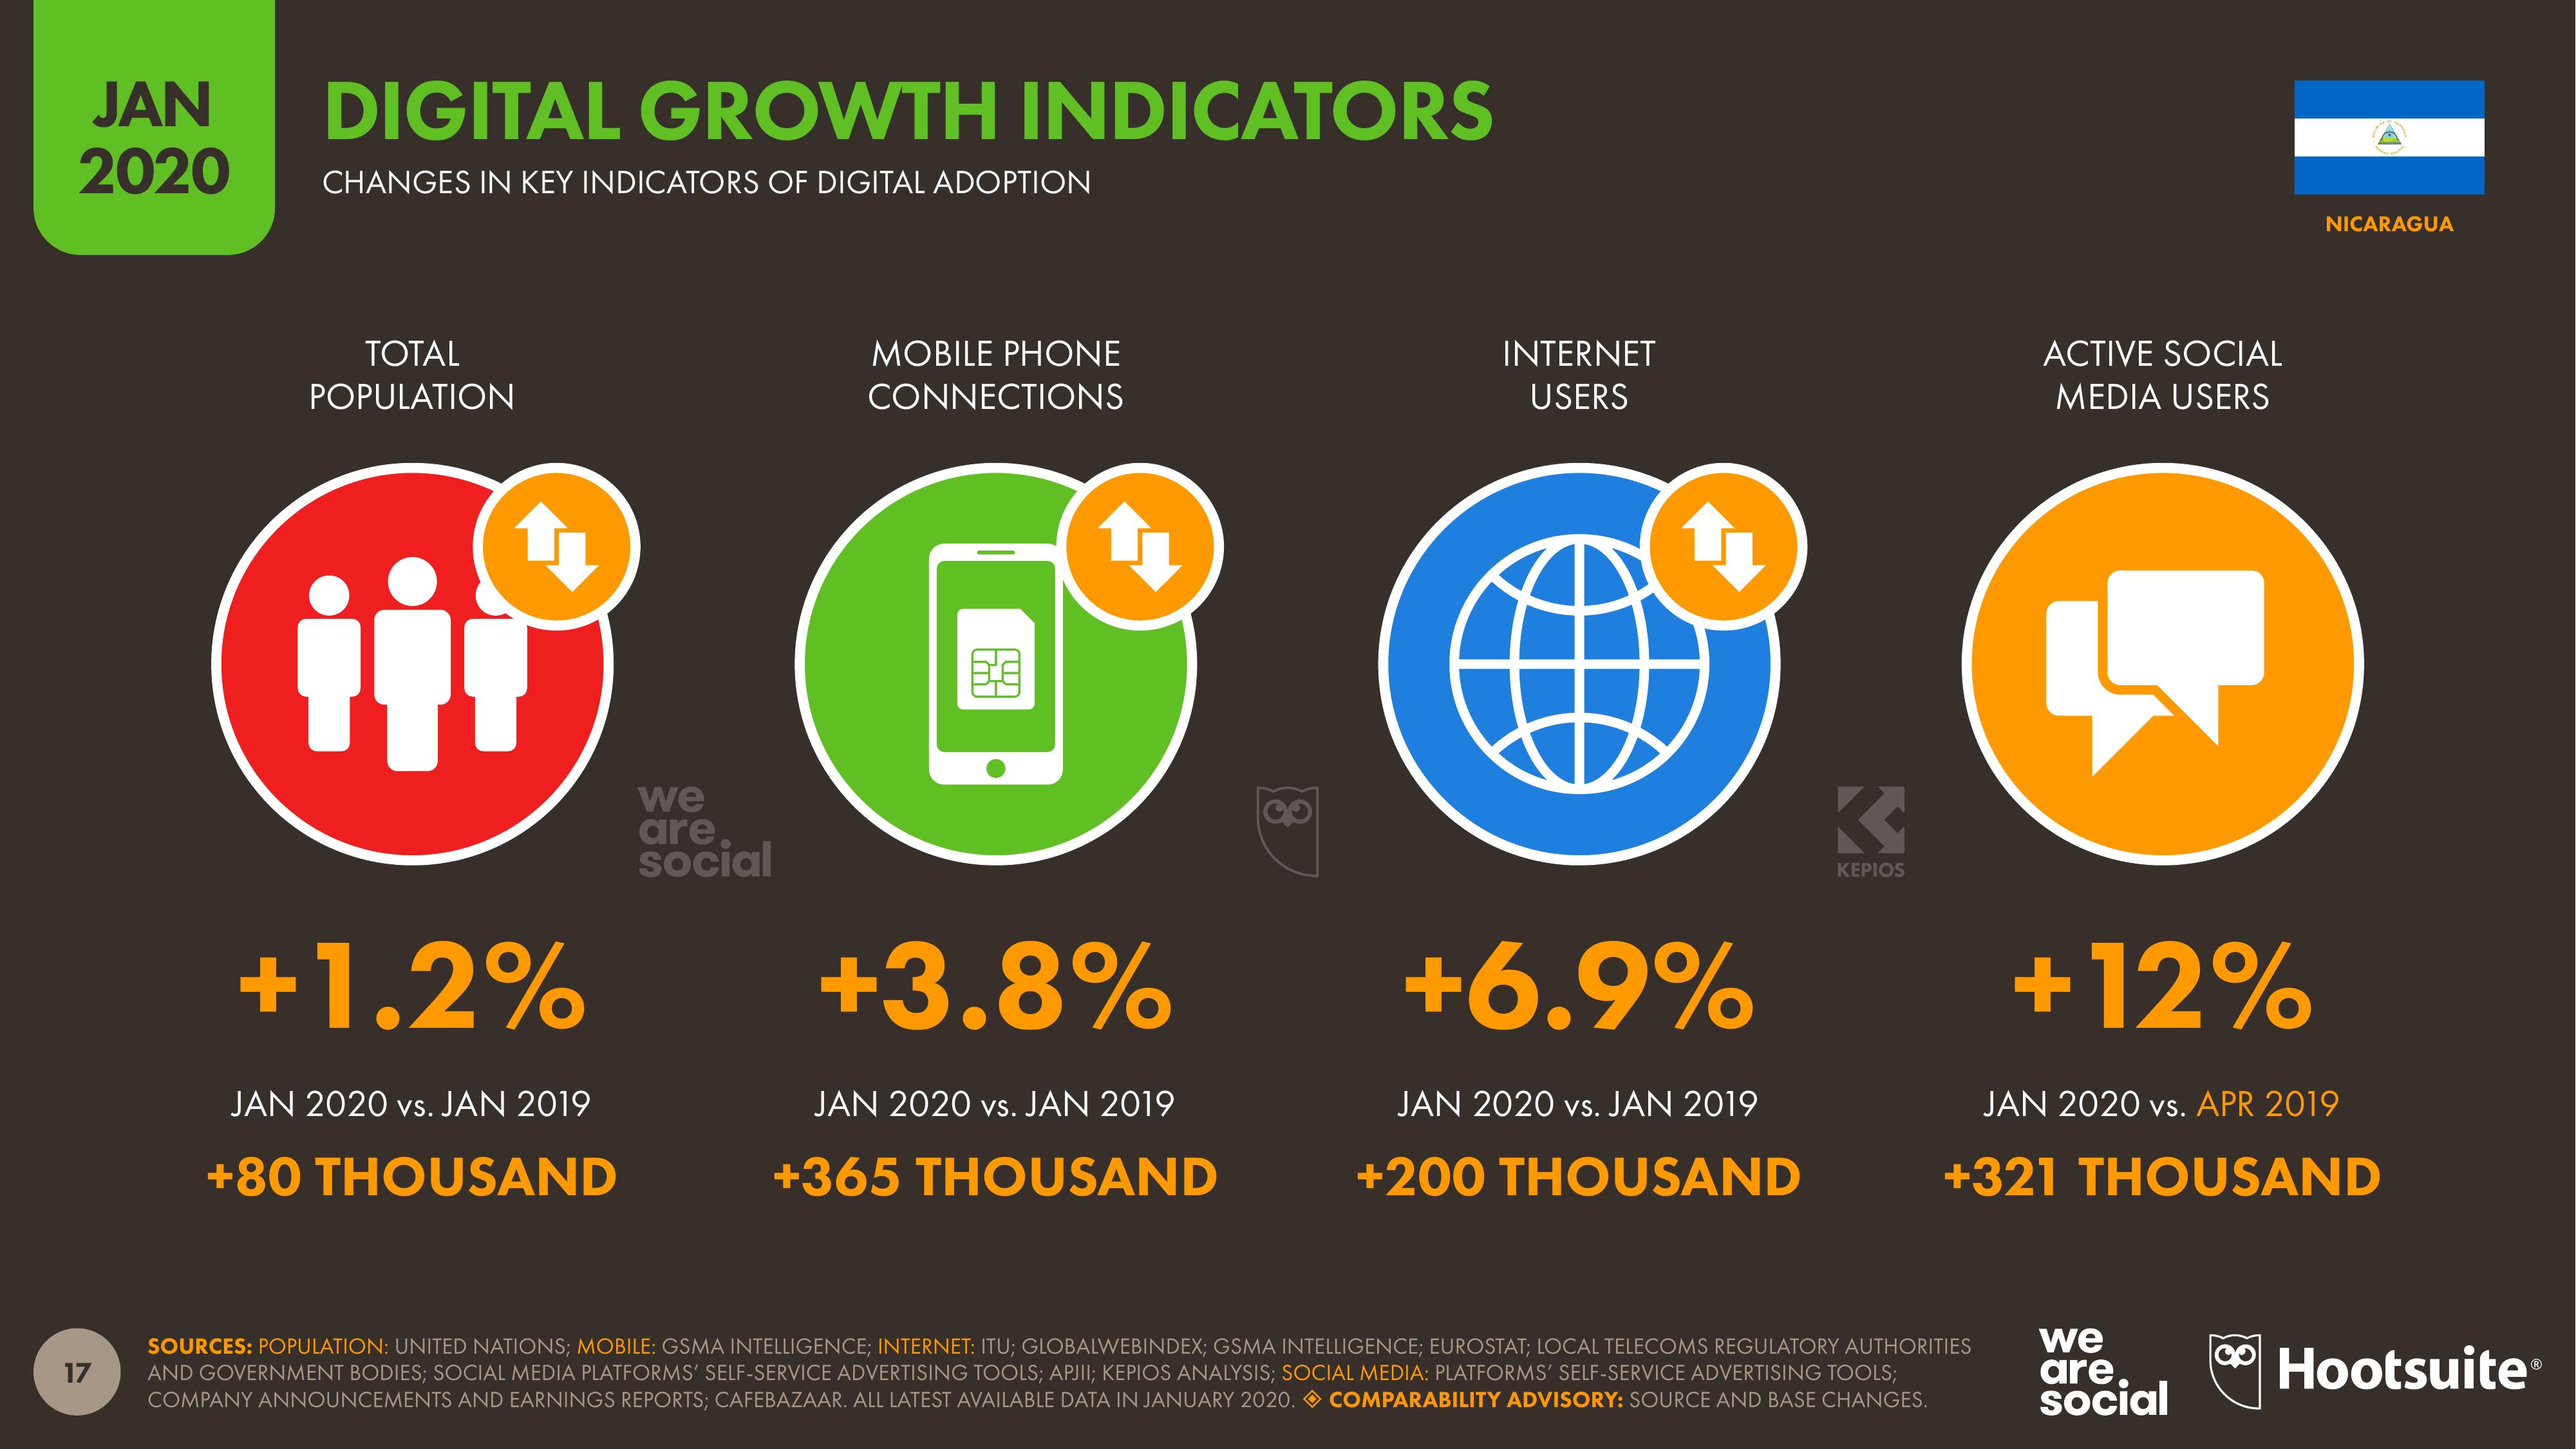 Cambios en indicadores clave acerca de la adopción digital en Nicaragua